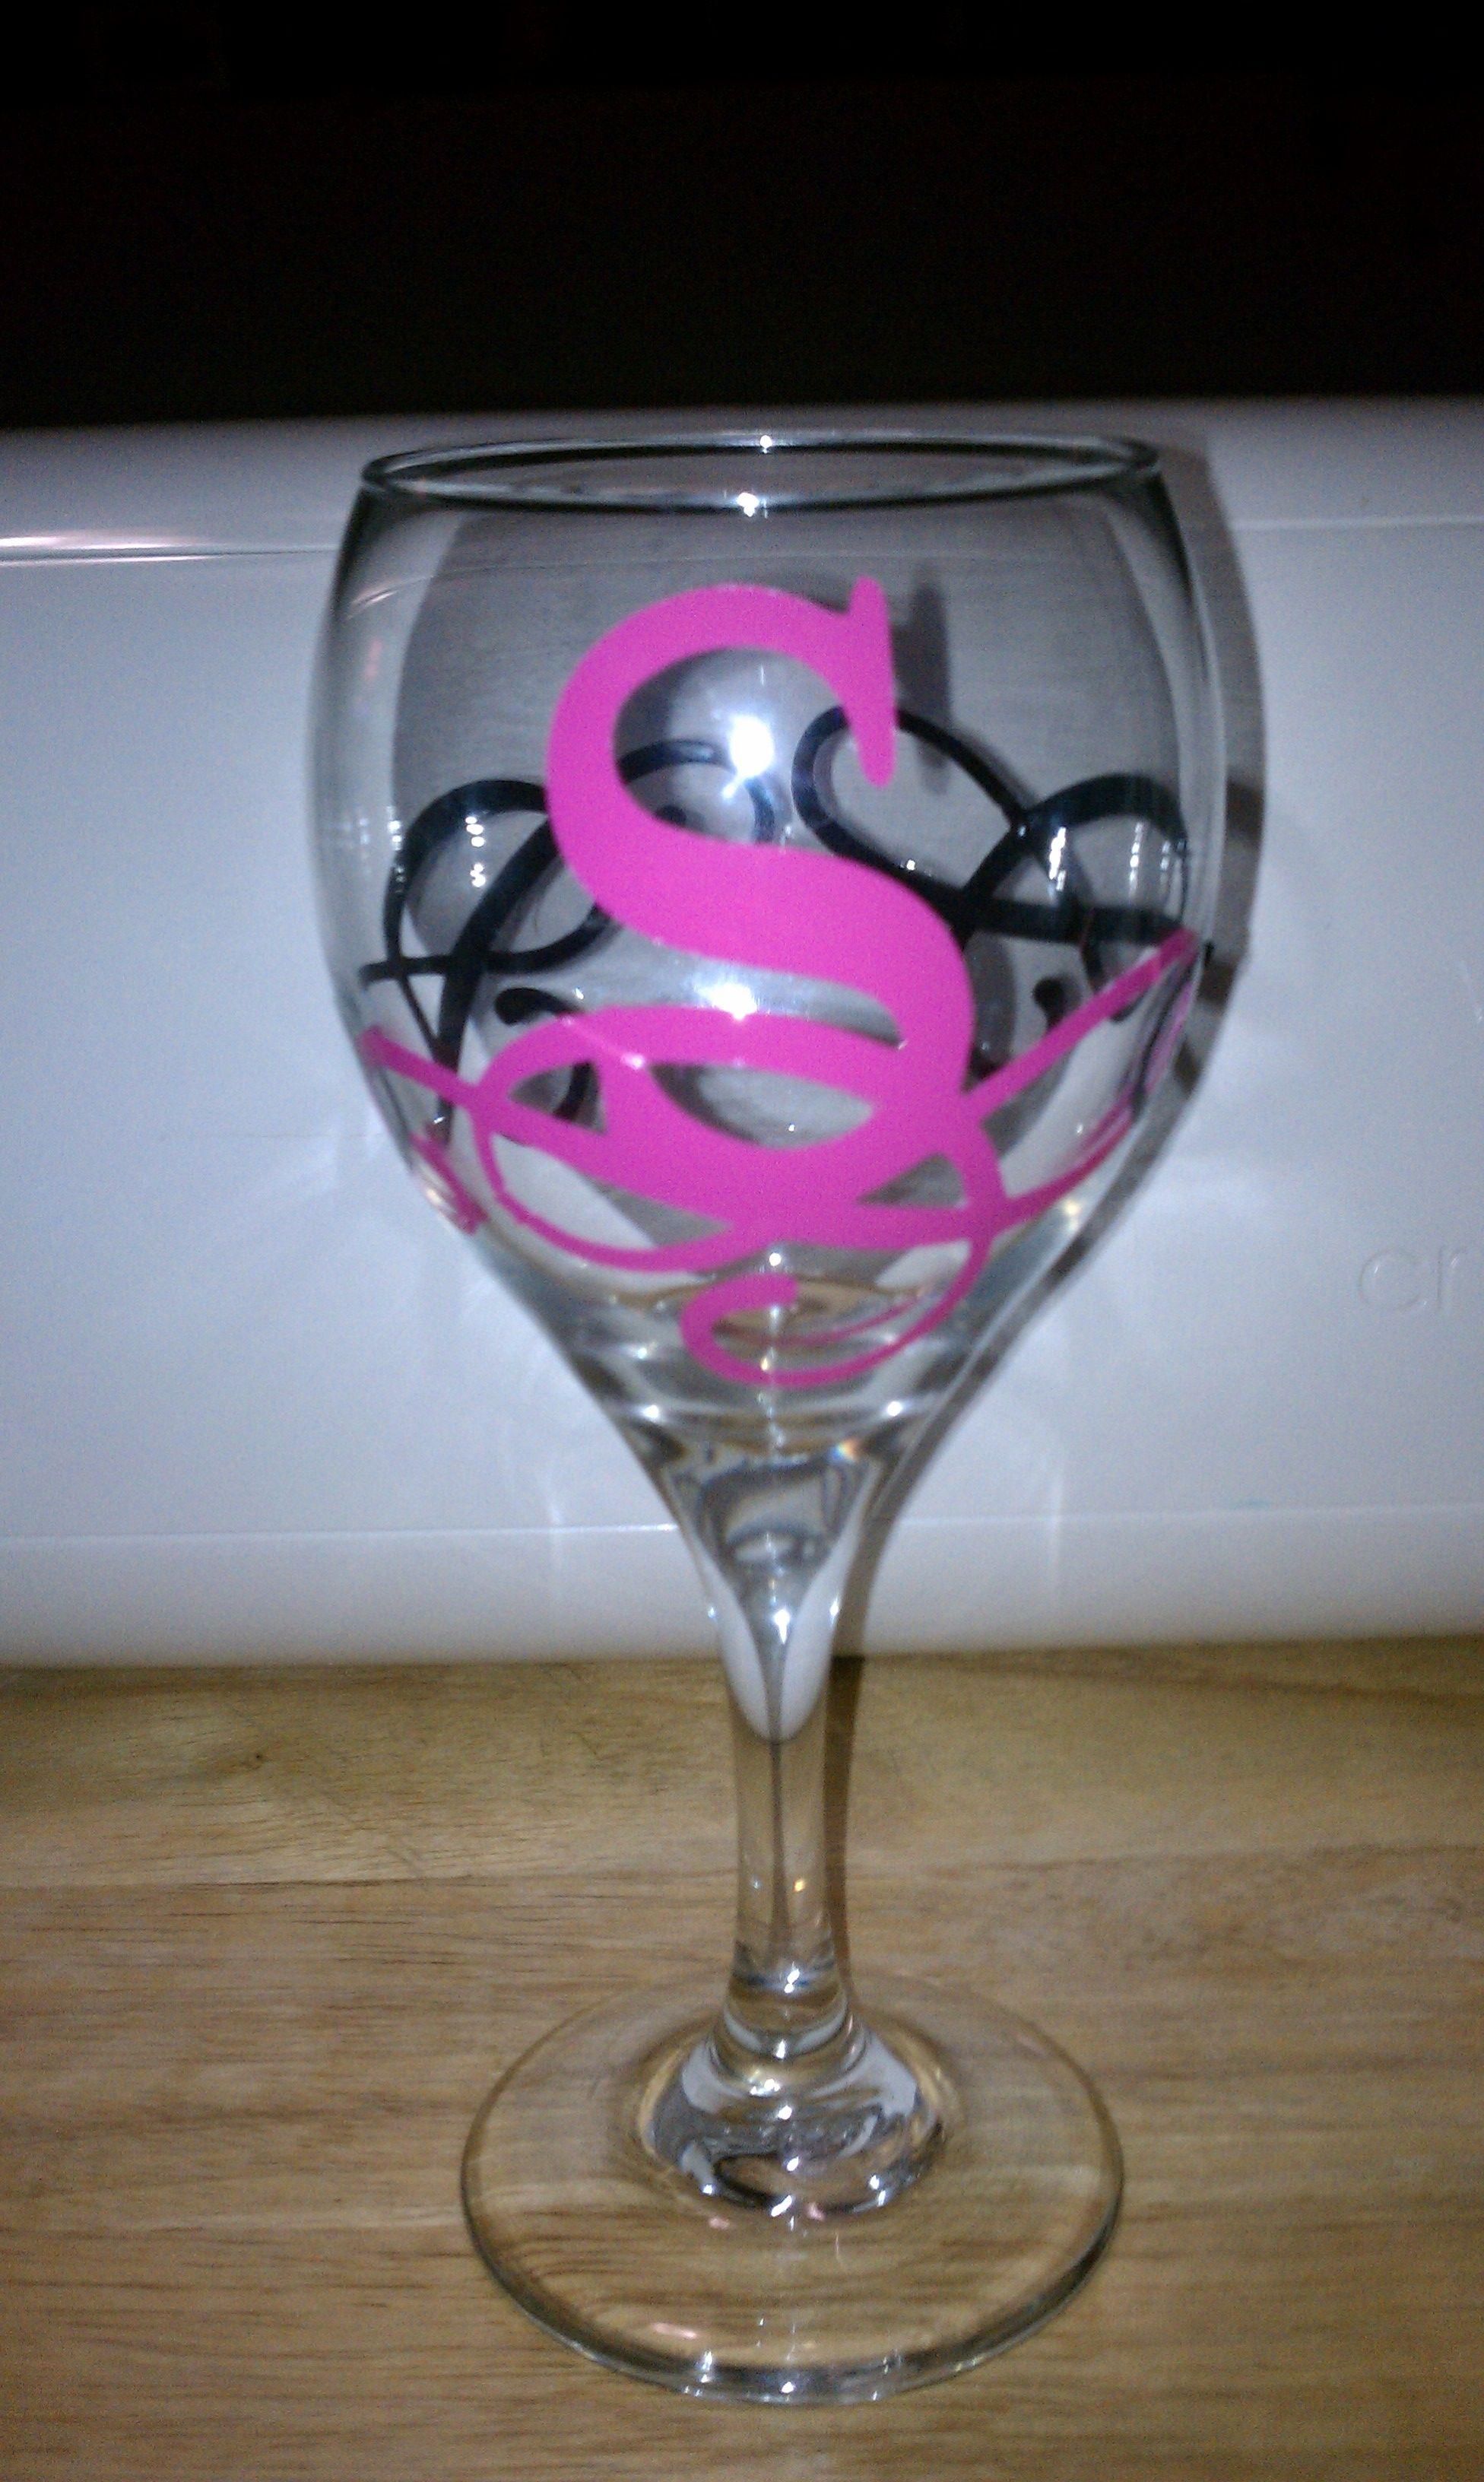 acb6d91d0cc DIY Monogram Wine Glasses